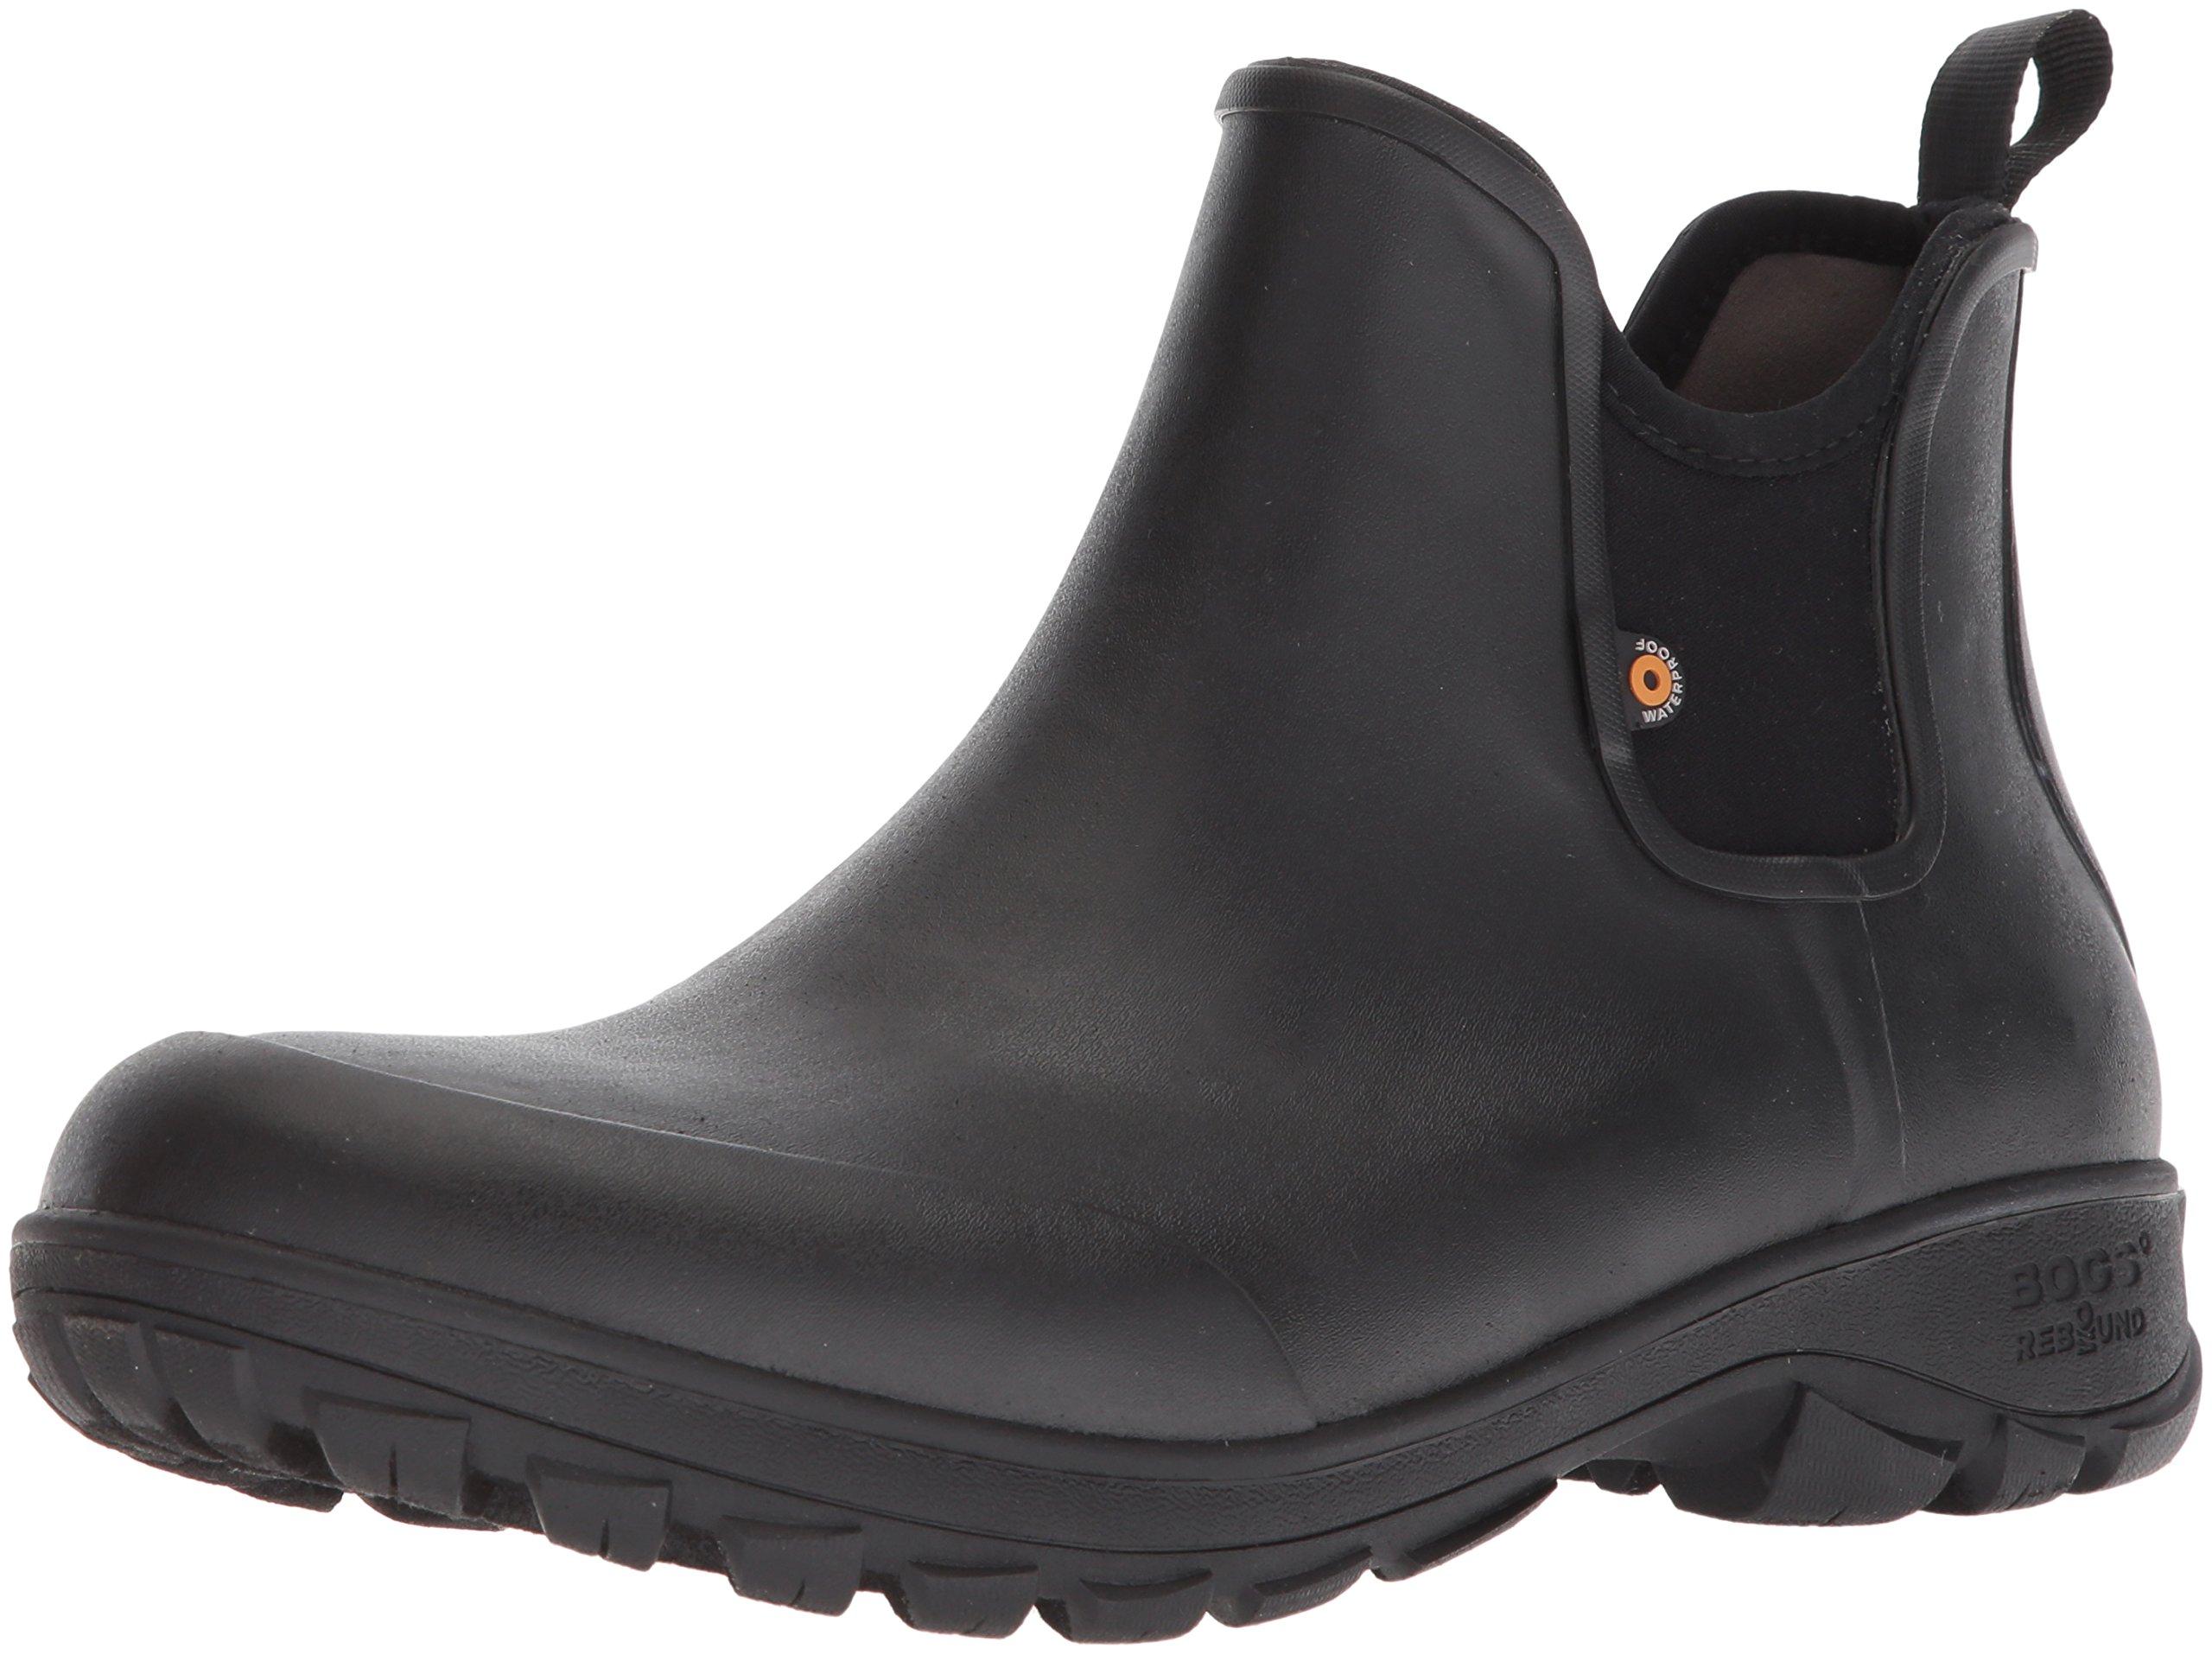 Bogs Men's Sauvie Slip Chukka Boot, Black, 10 D(M) US